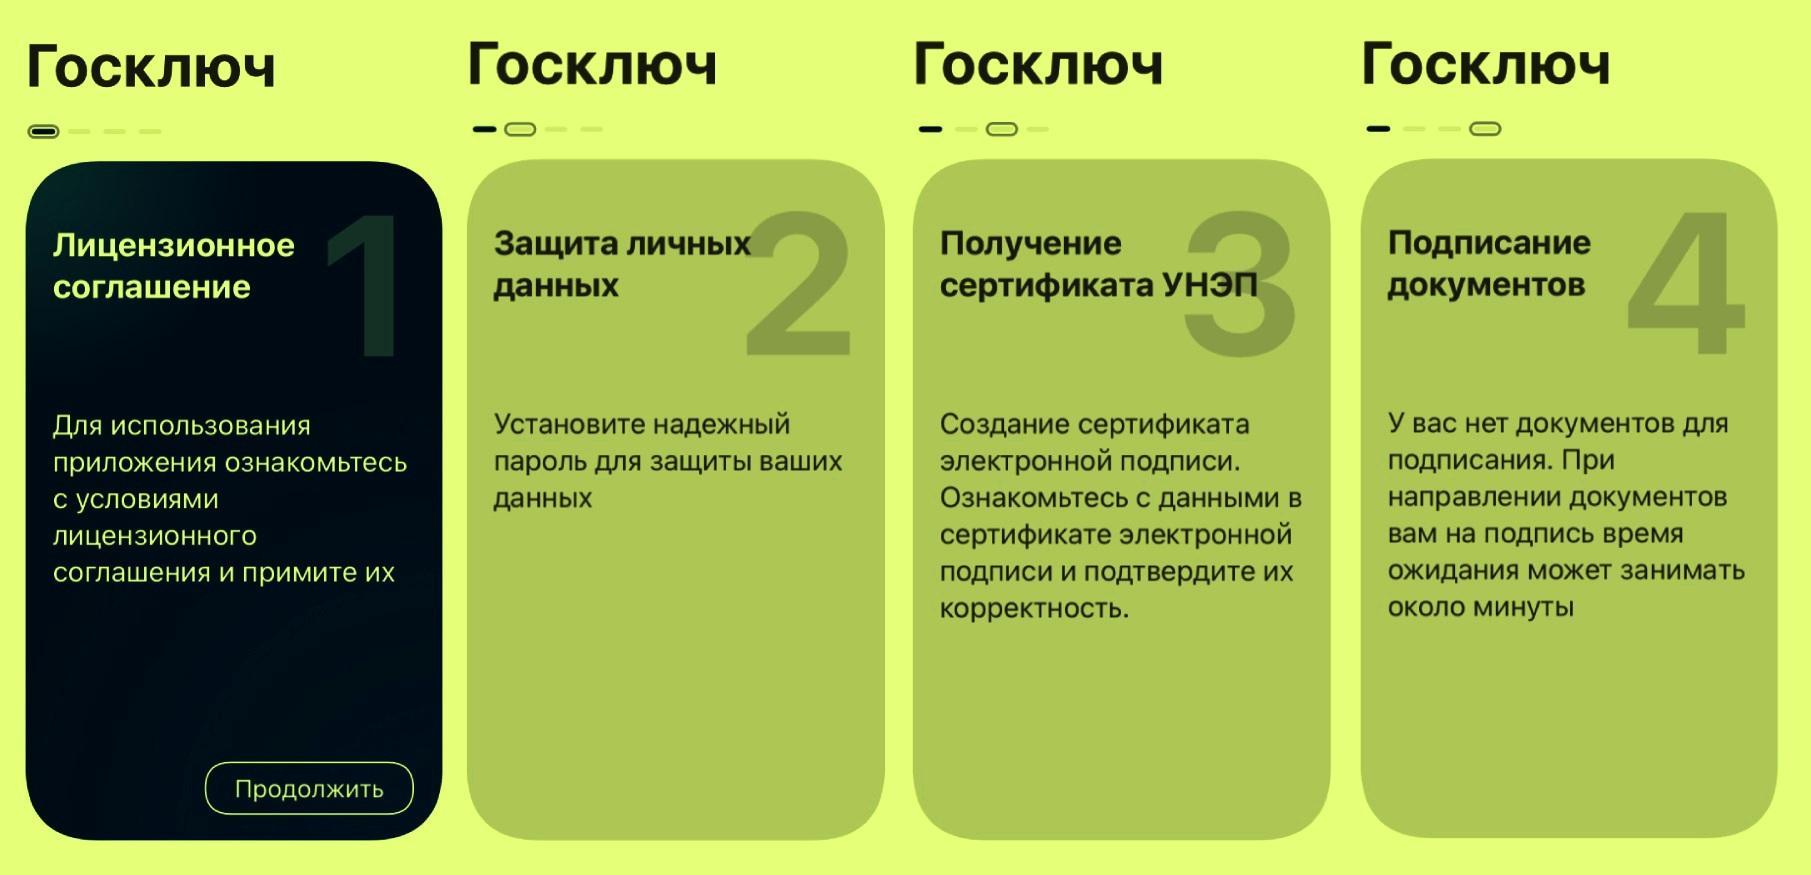 Функционал мобильного приложения Госключ